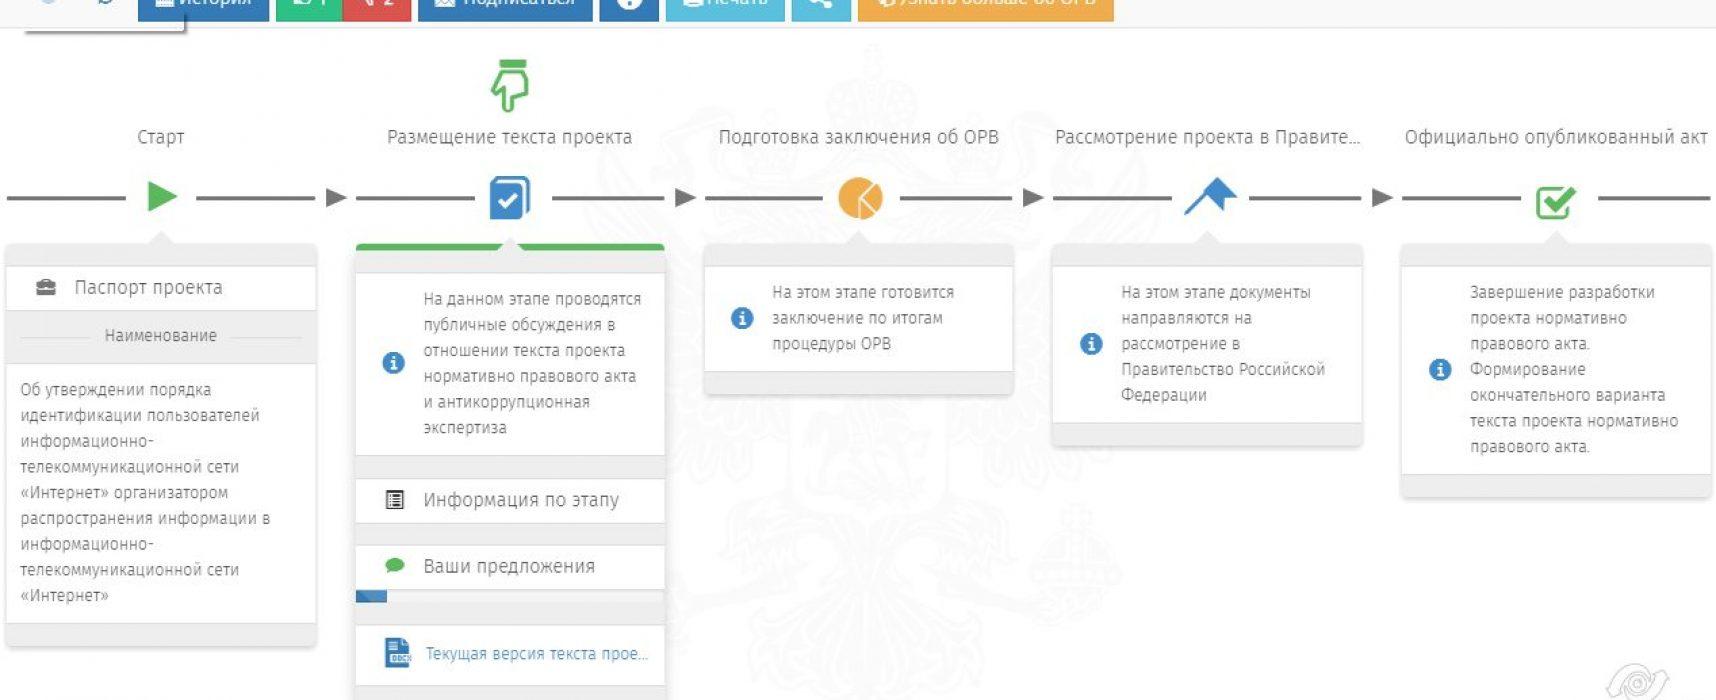 Правительство предложило идентифицировать пользователей мессенджеров без их согласия